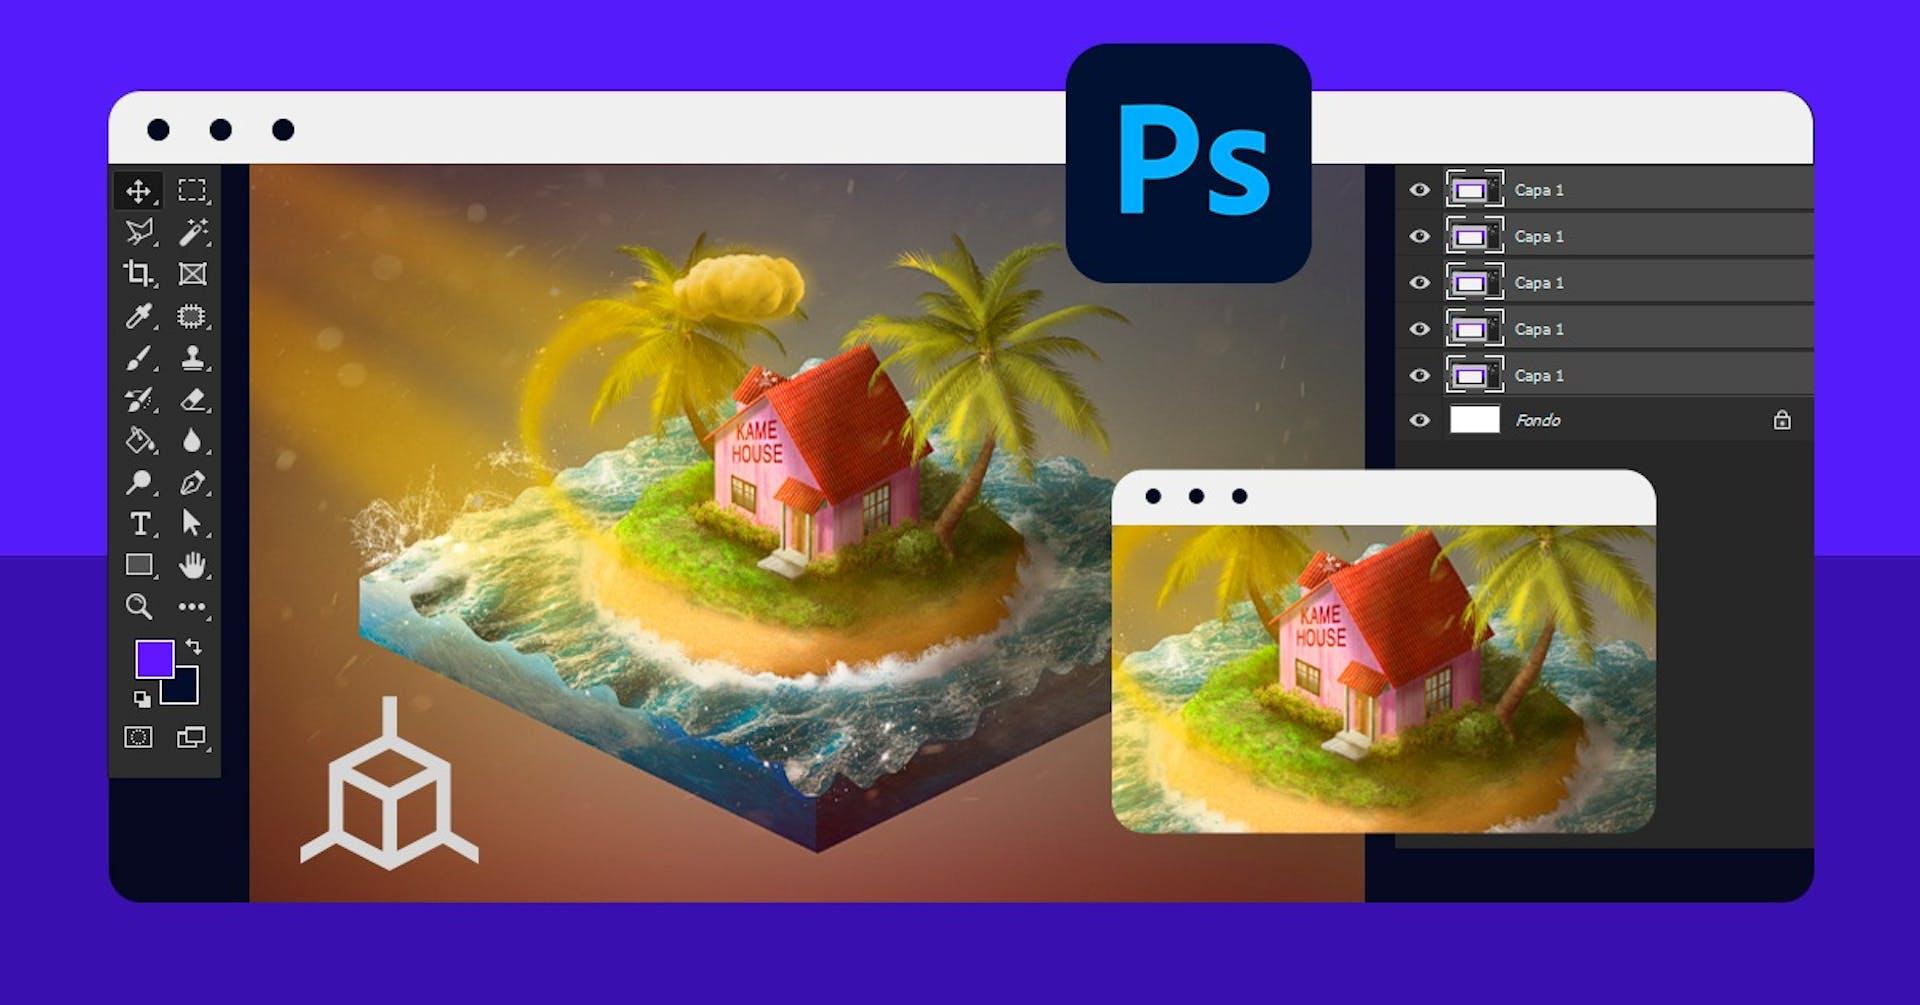 ¡Crea piezas increíbles en Photoshop con la técnica del Iso-painting!